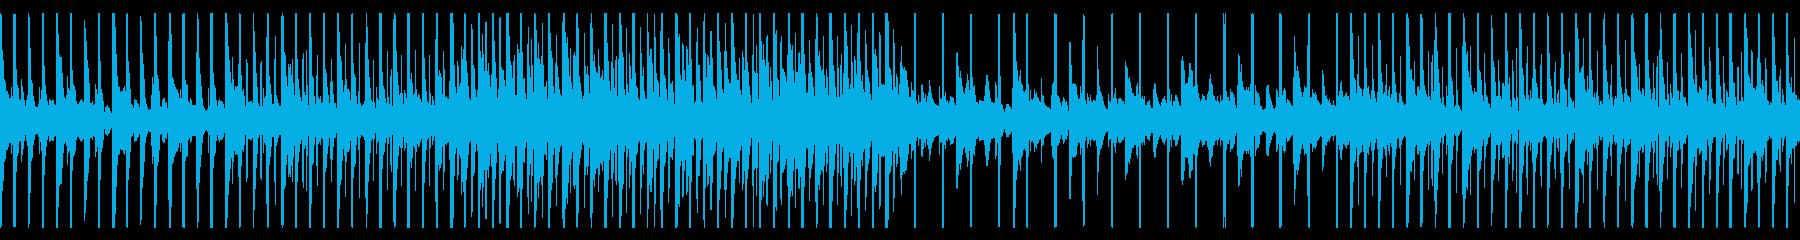 【生演奏】疾走感、アコースティックポップの再生済みの波形